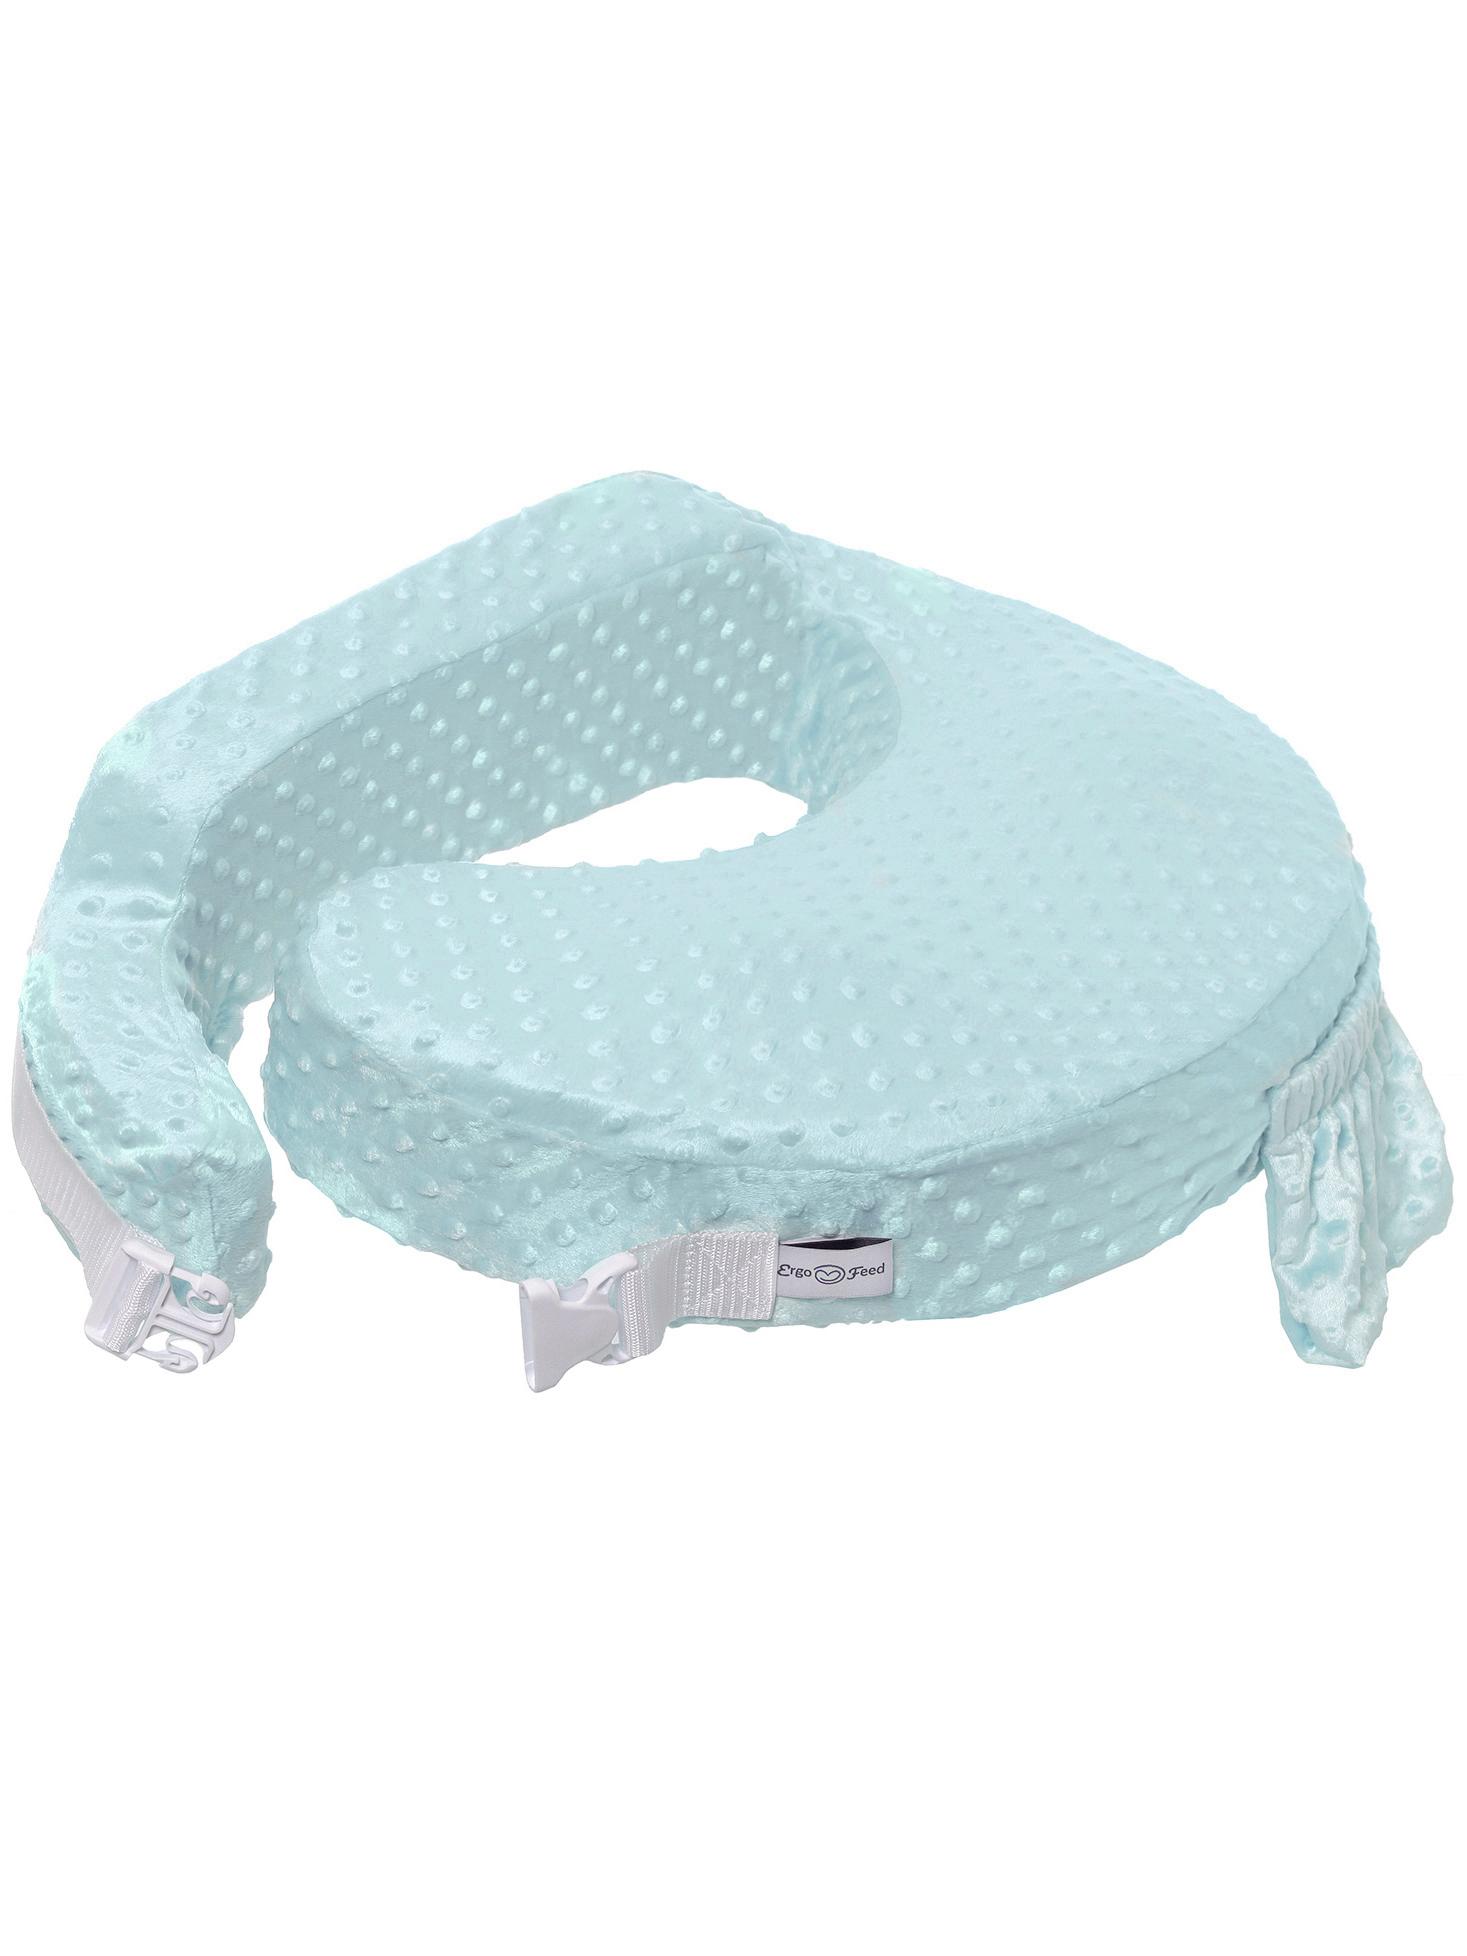 Подушка для кормления эргономичная ErgoFeed Пузырьки, голубой